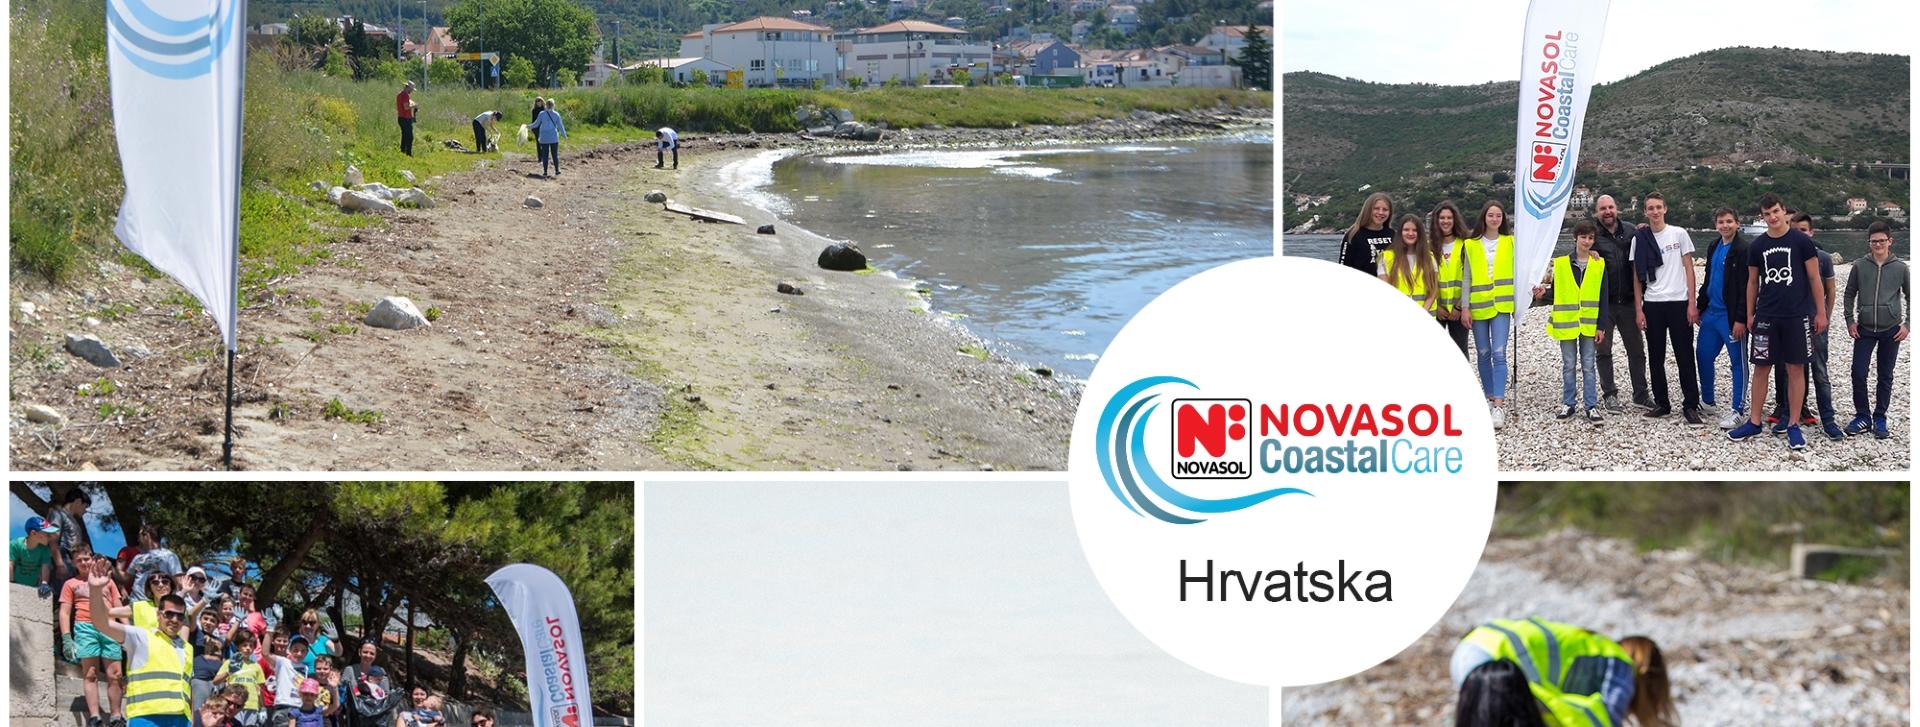 Rezultati akcije 'Očistimo obale s Novasolom 2017'